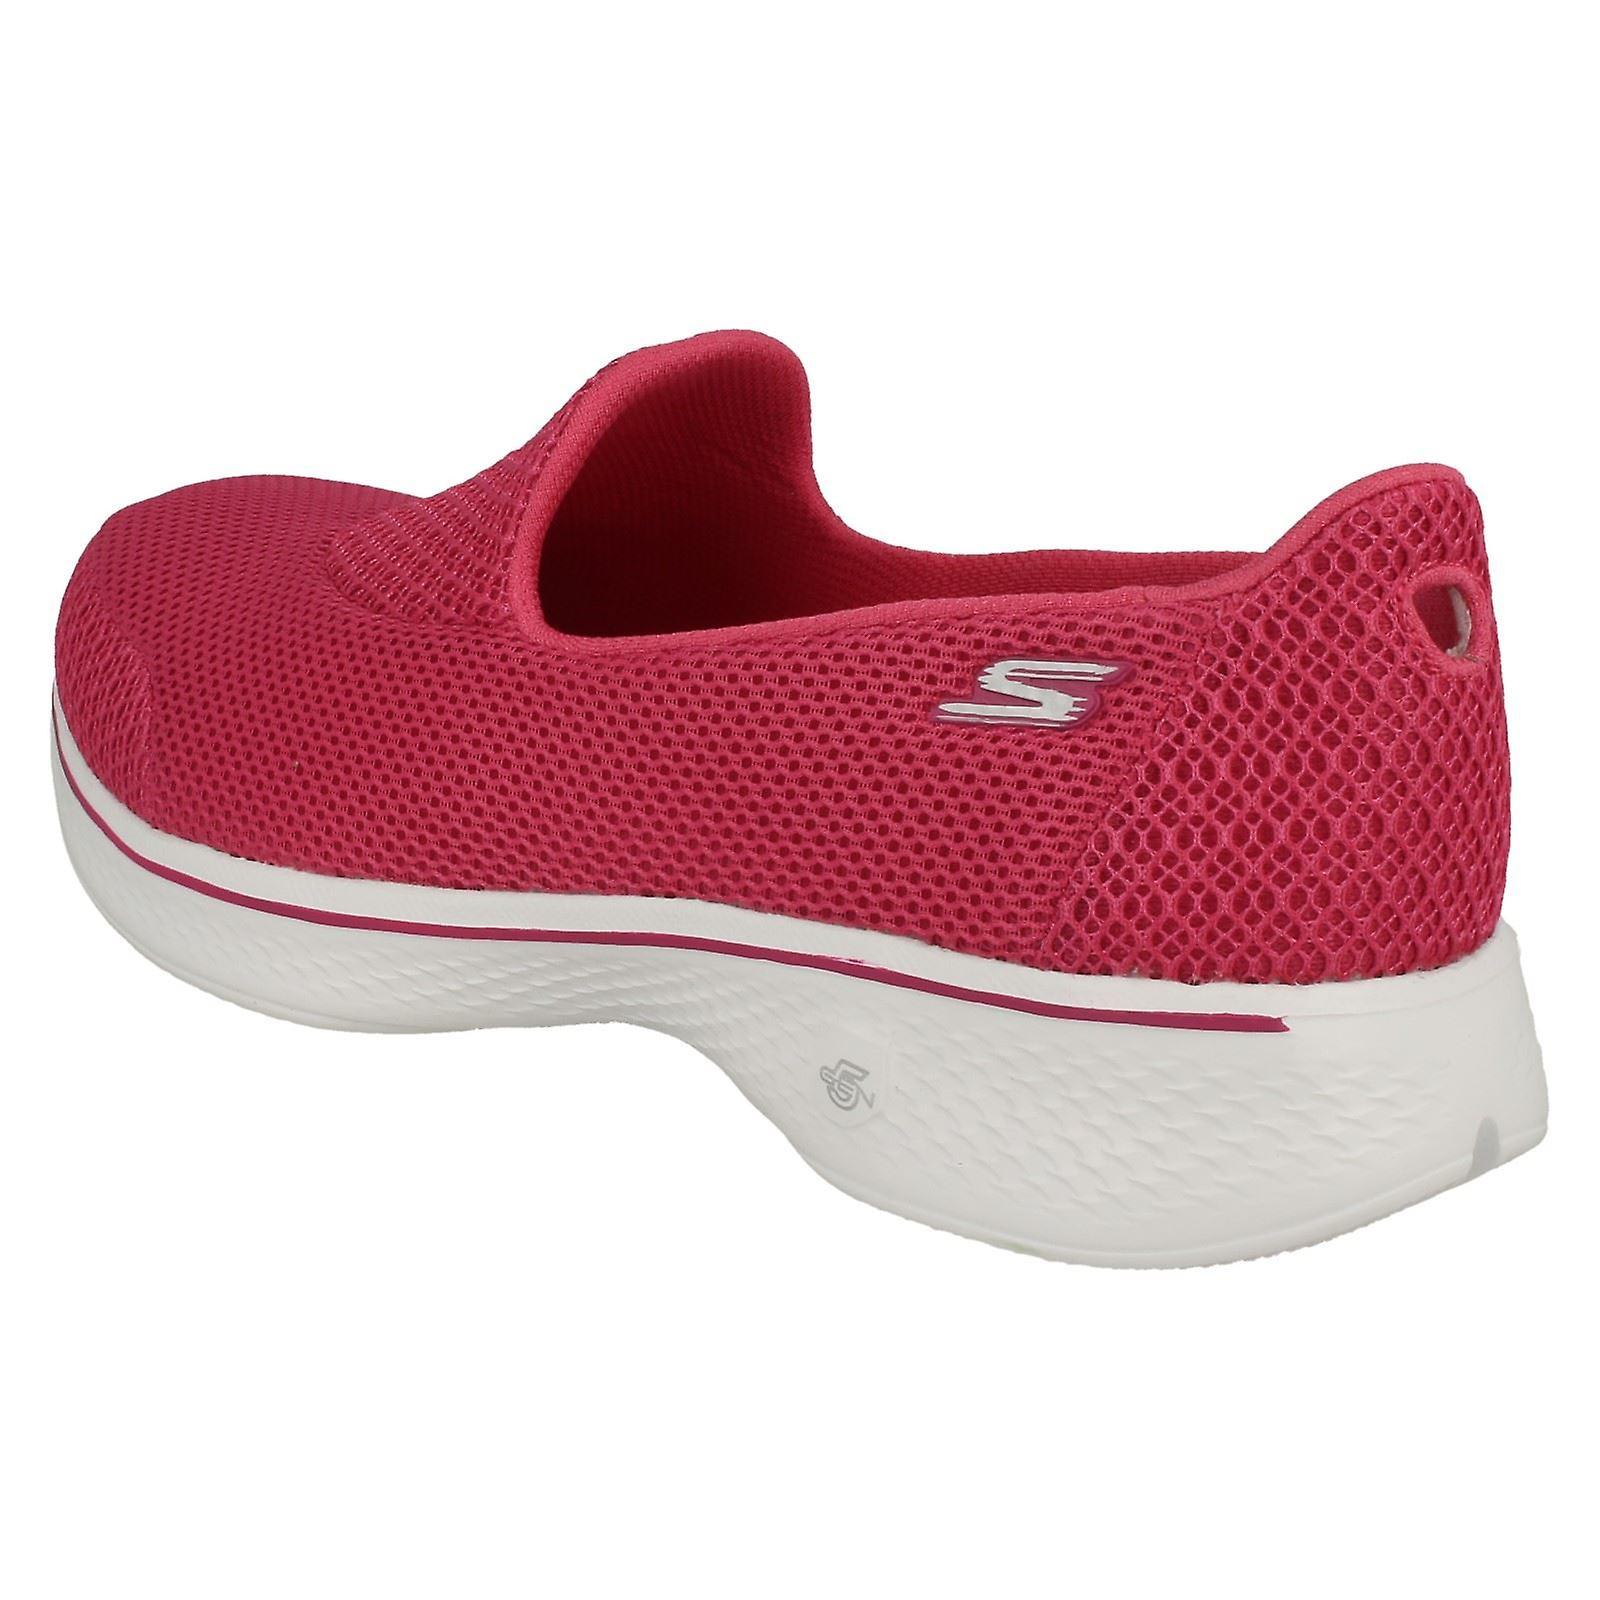 Ladies Skechers Slip On Trainers Propel 14170